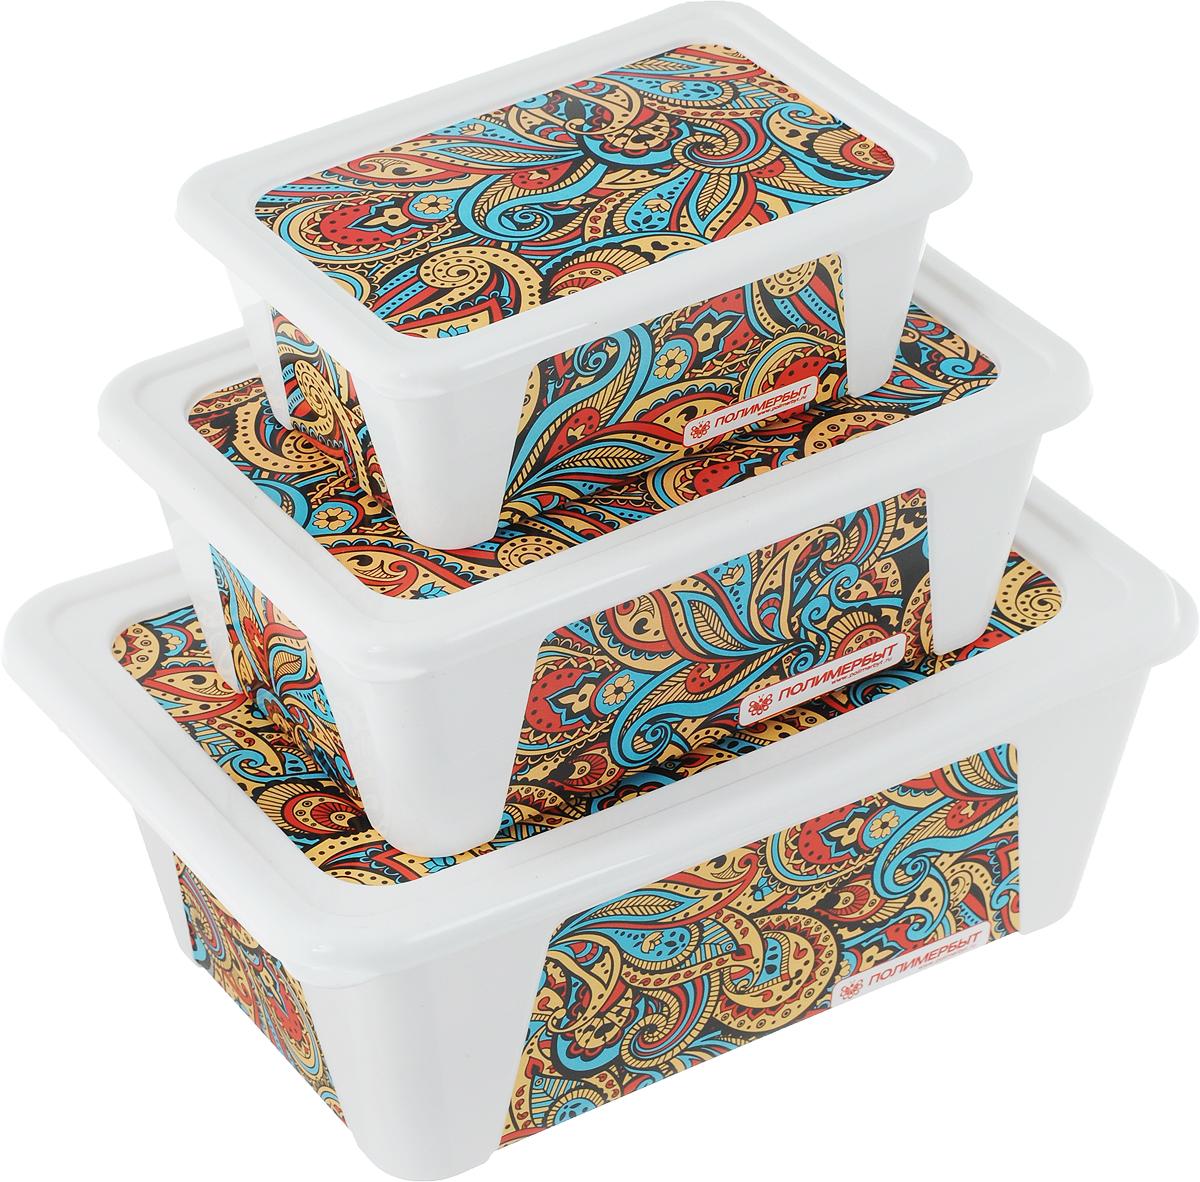 Набор контейнеров для хранения Полимербыт Пейсли, 3 шт70850_красныйНабор Полимербыт Пейсли состоит из трех контейнеров, которые выполнены из пластика и оформлены оригинальным рисунком. Изделие подойдет как для хранения канцелярии, так и для хранения швейных принадлежностей. Размеры контейнеров: 22 х 15 х 8,5 см; 18 х 12,5 х 7 см; 14 х 9,5 х 5 см.Объём контейнеров: 1,65 л, 900 мл, 400 мл.